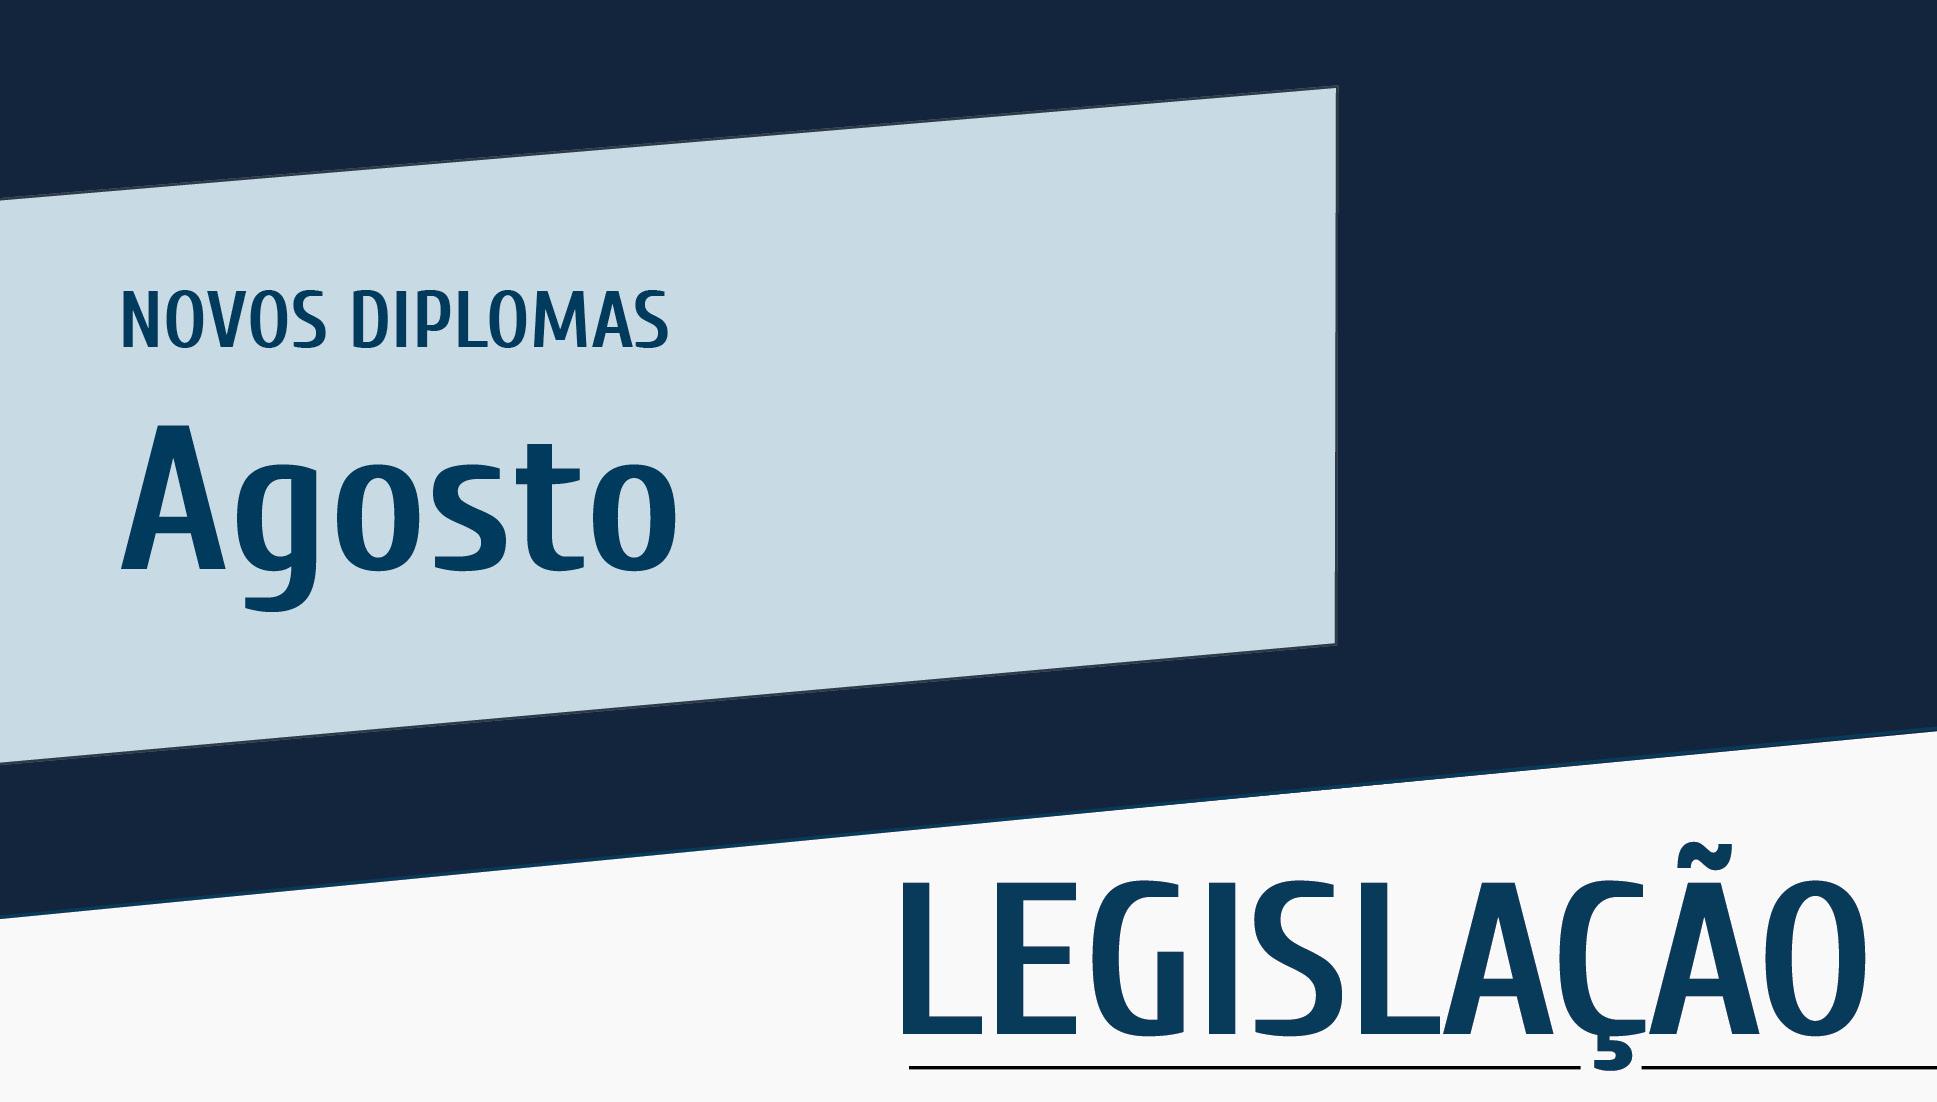 Plataforma Notícias Ordem Engenheiros Região Norte - Novos diplomas do mês de agosto